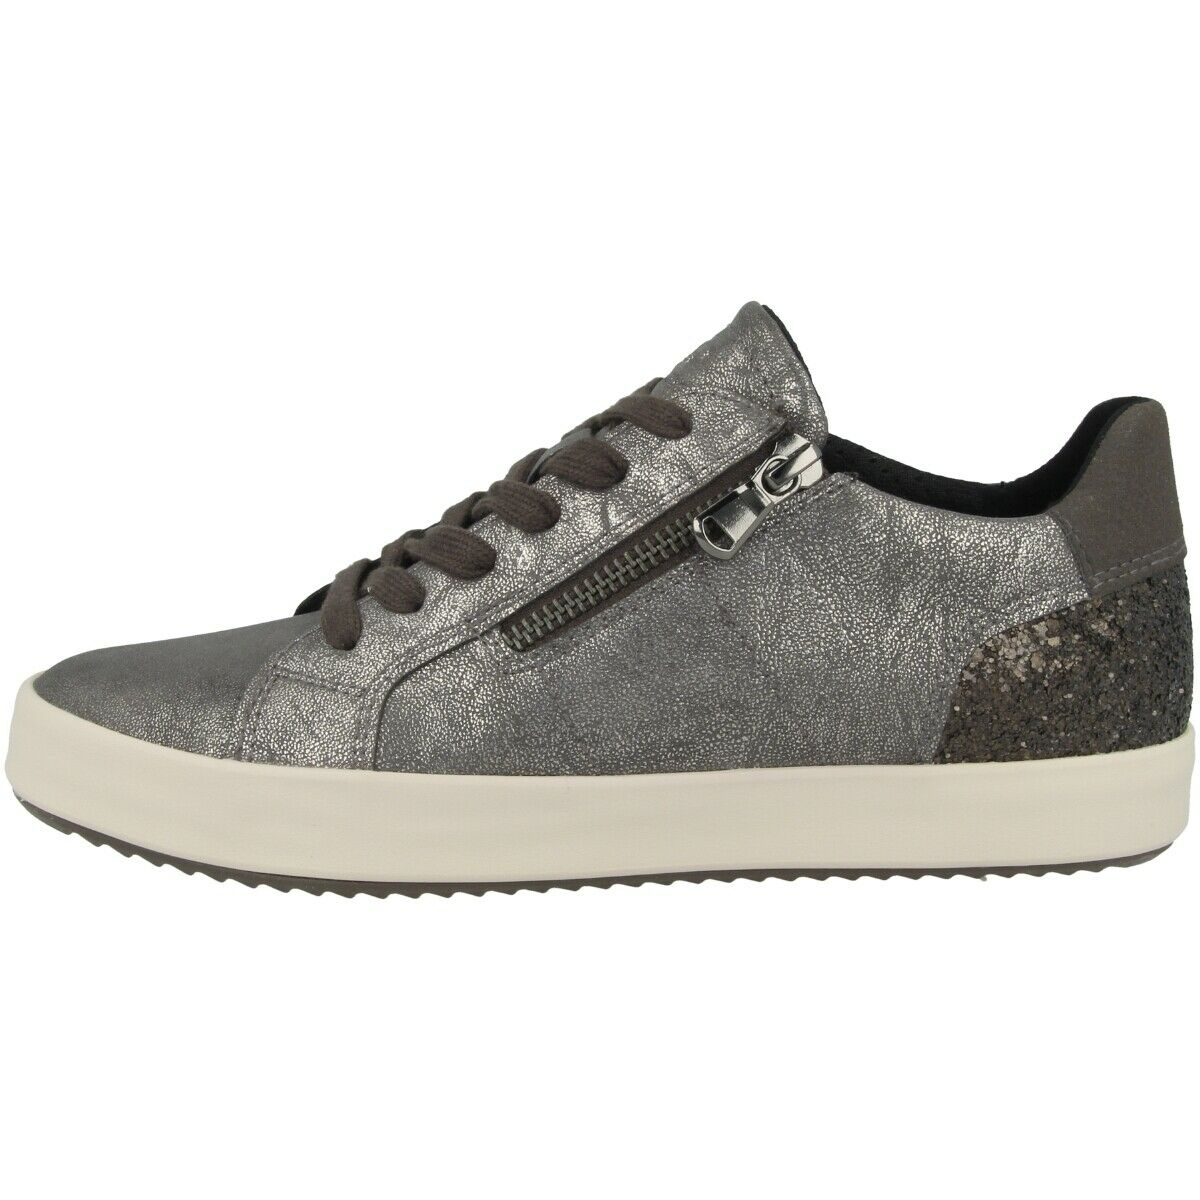 GEOX D Blomiee A damen Schuhe Damen Turnschuhe Halbschuhe chestnut D946HA0PVEWC6635